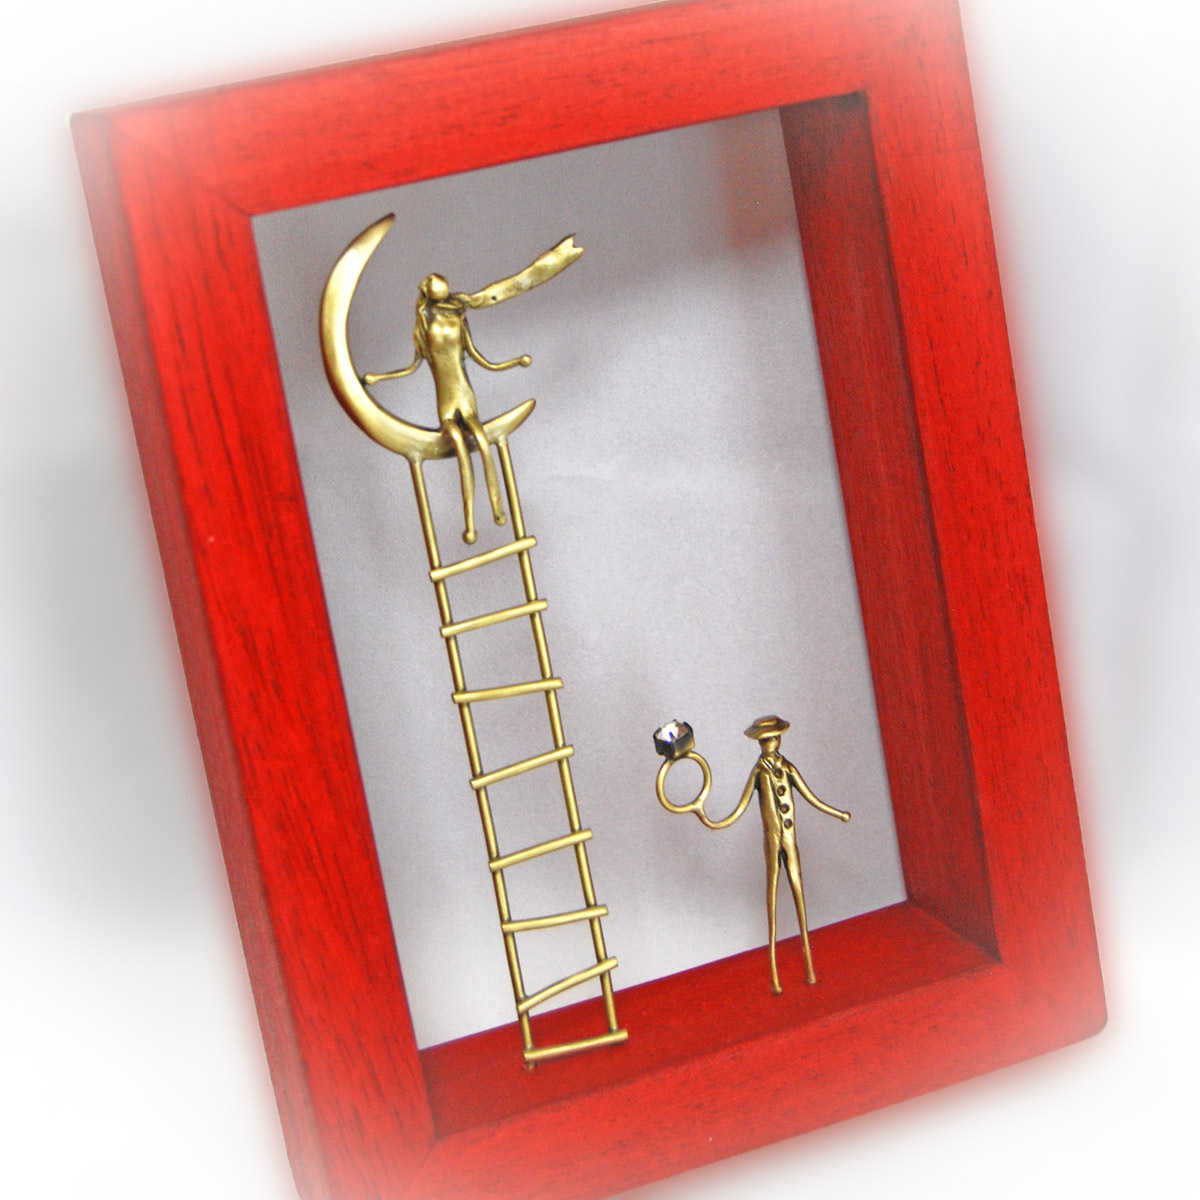 ウッド&フレーム(W9) 「はしごの上の月に座る女と指輪を持つ男」 20X15X4 cm